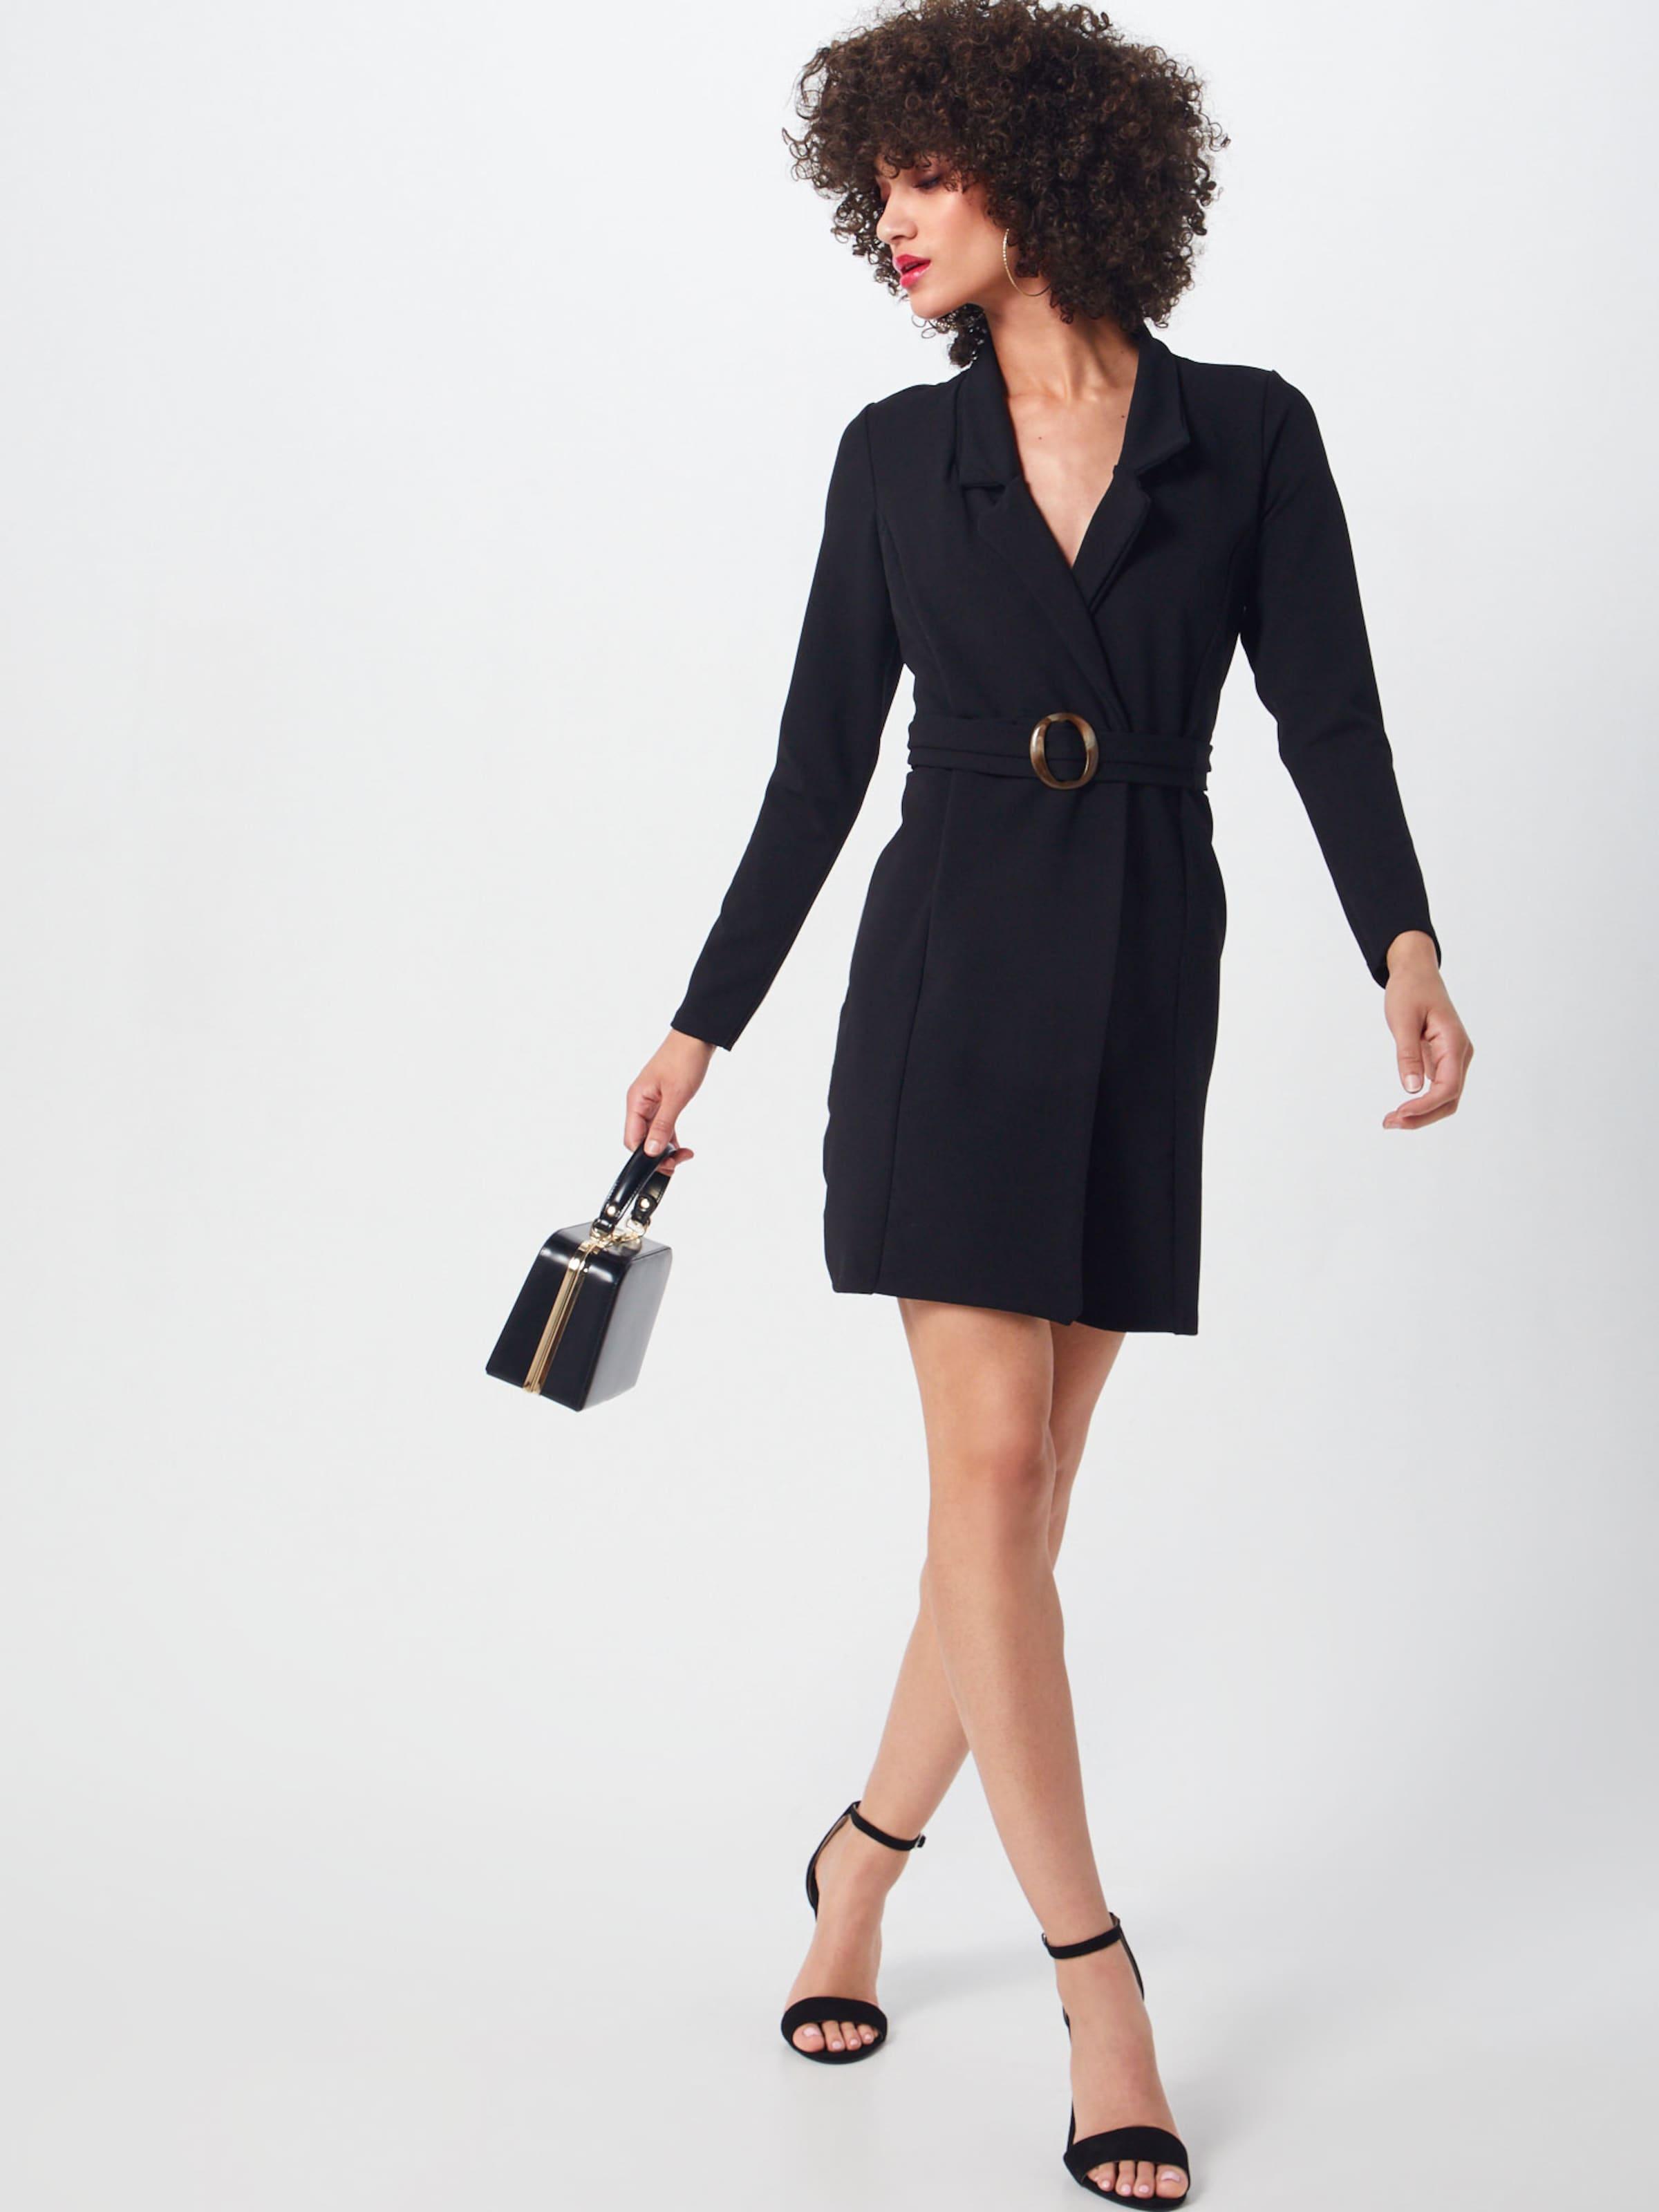 tortoise' Blazer Kleid Missguided Dress 'long Sleeve Belted In Schwarz lTJFuK1c3